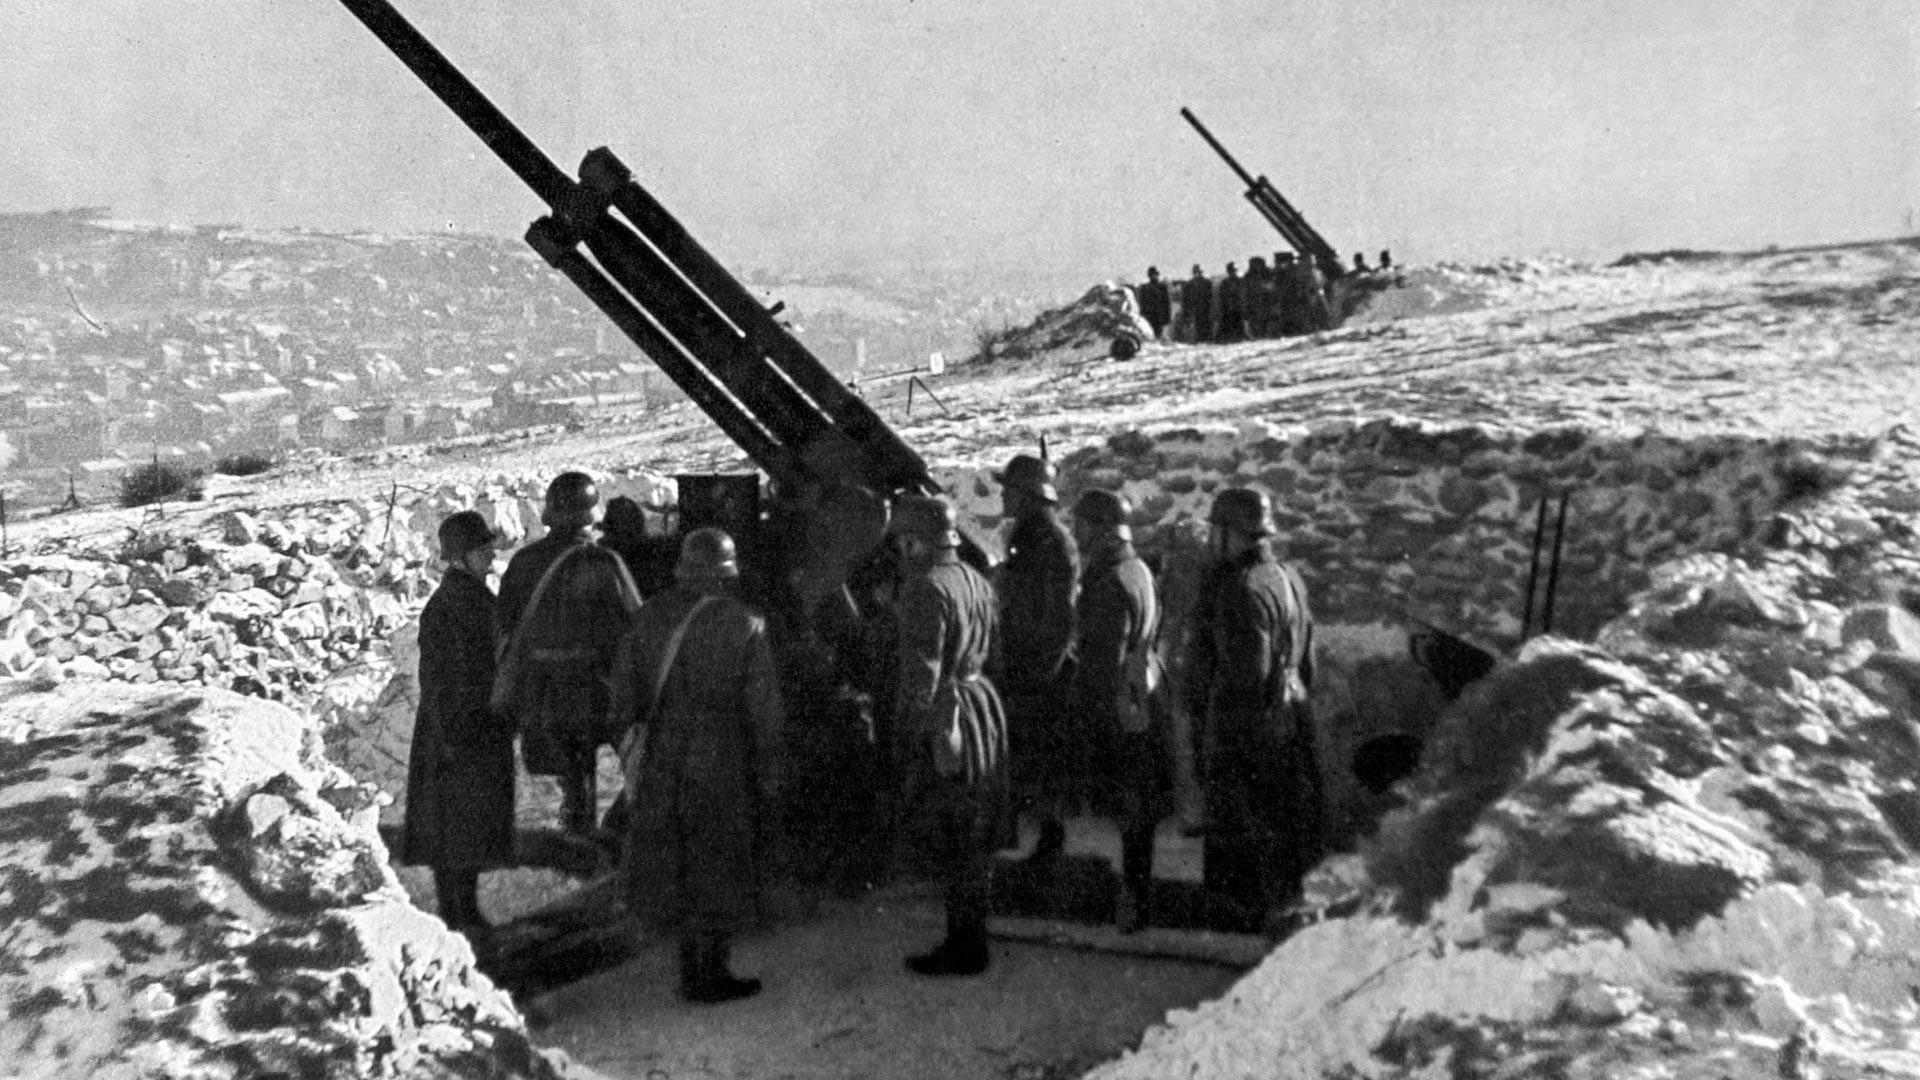 El ejército húngaro vigilando el Danubio, marzo de 1941.